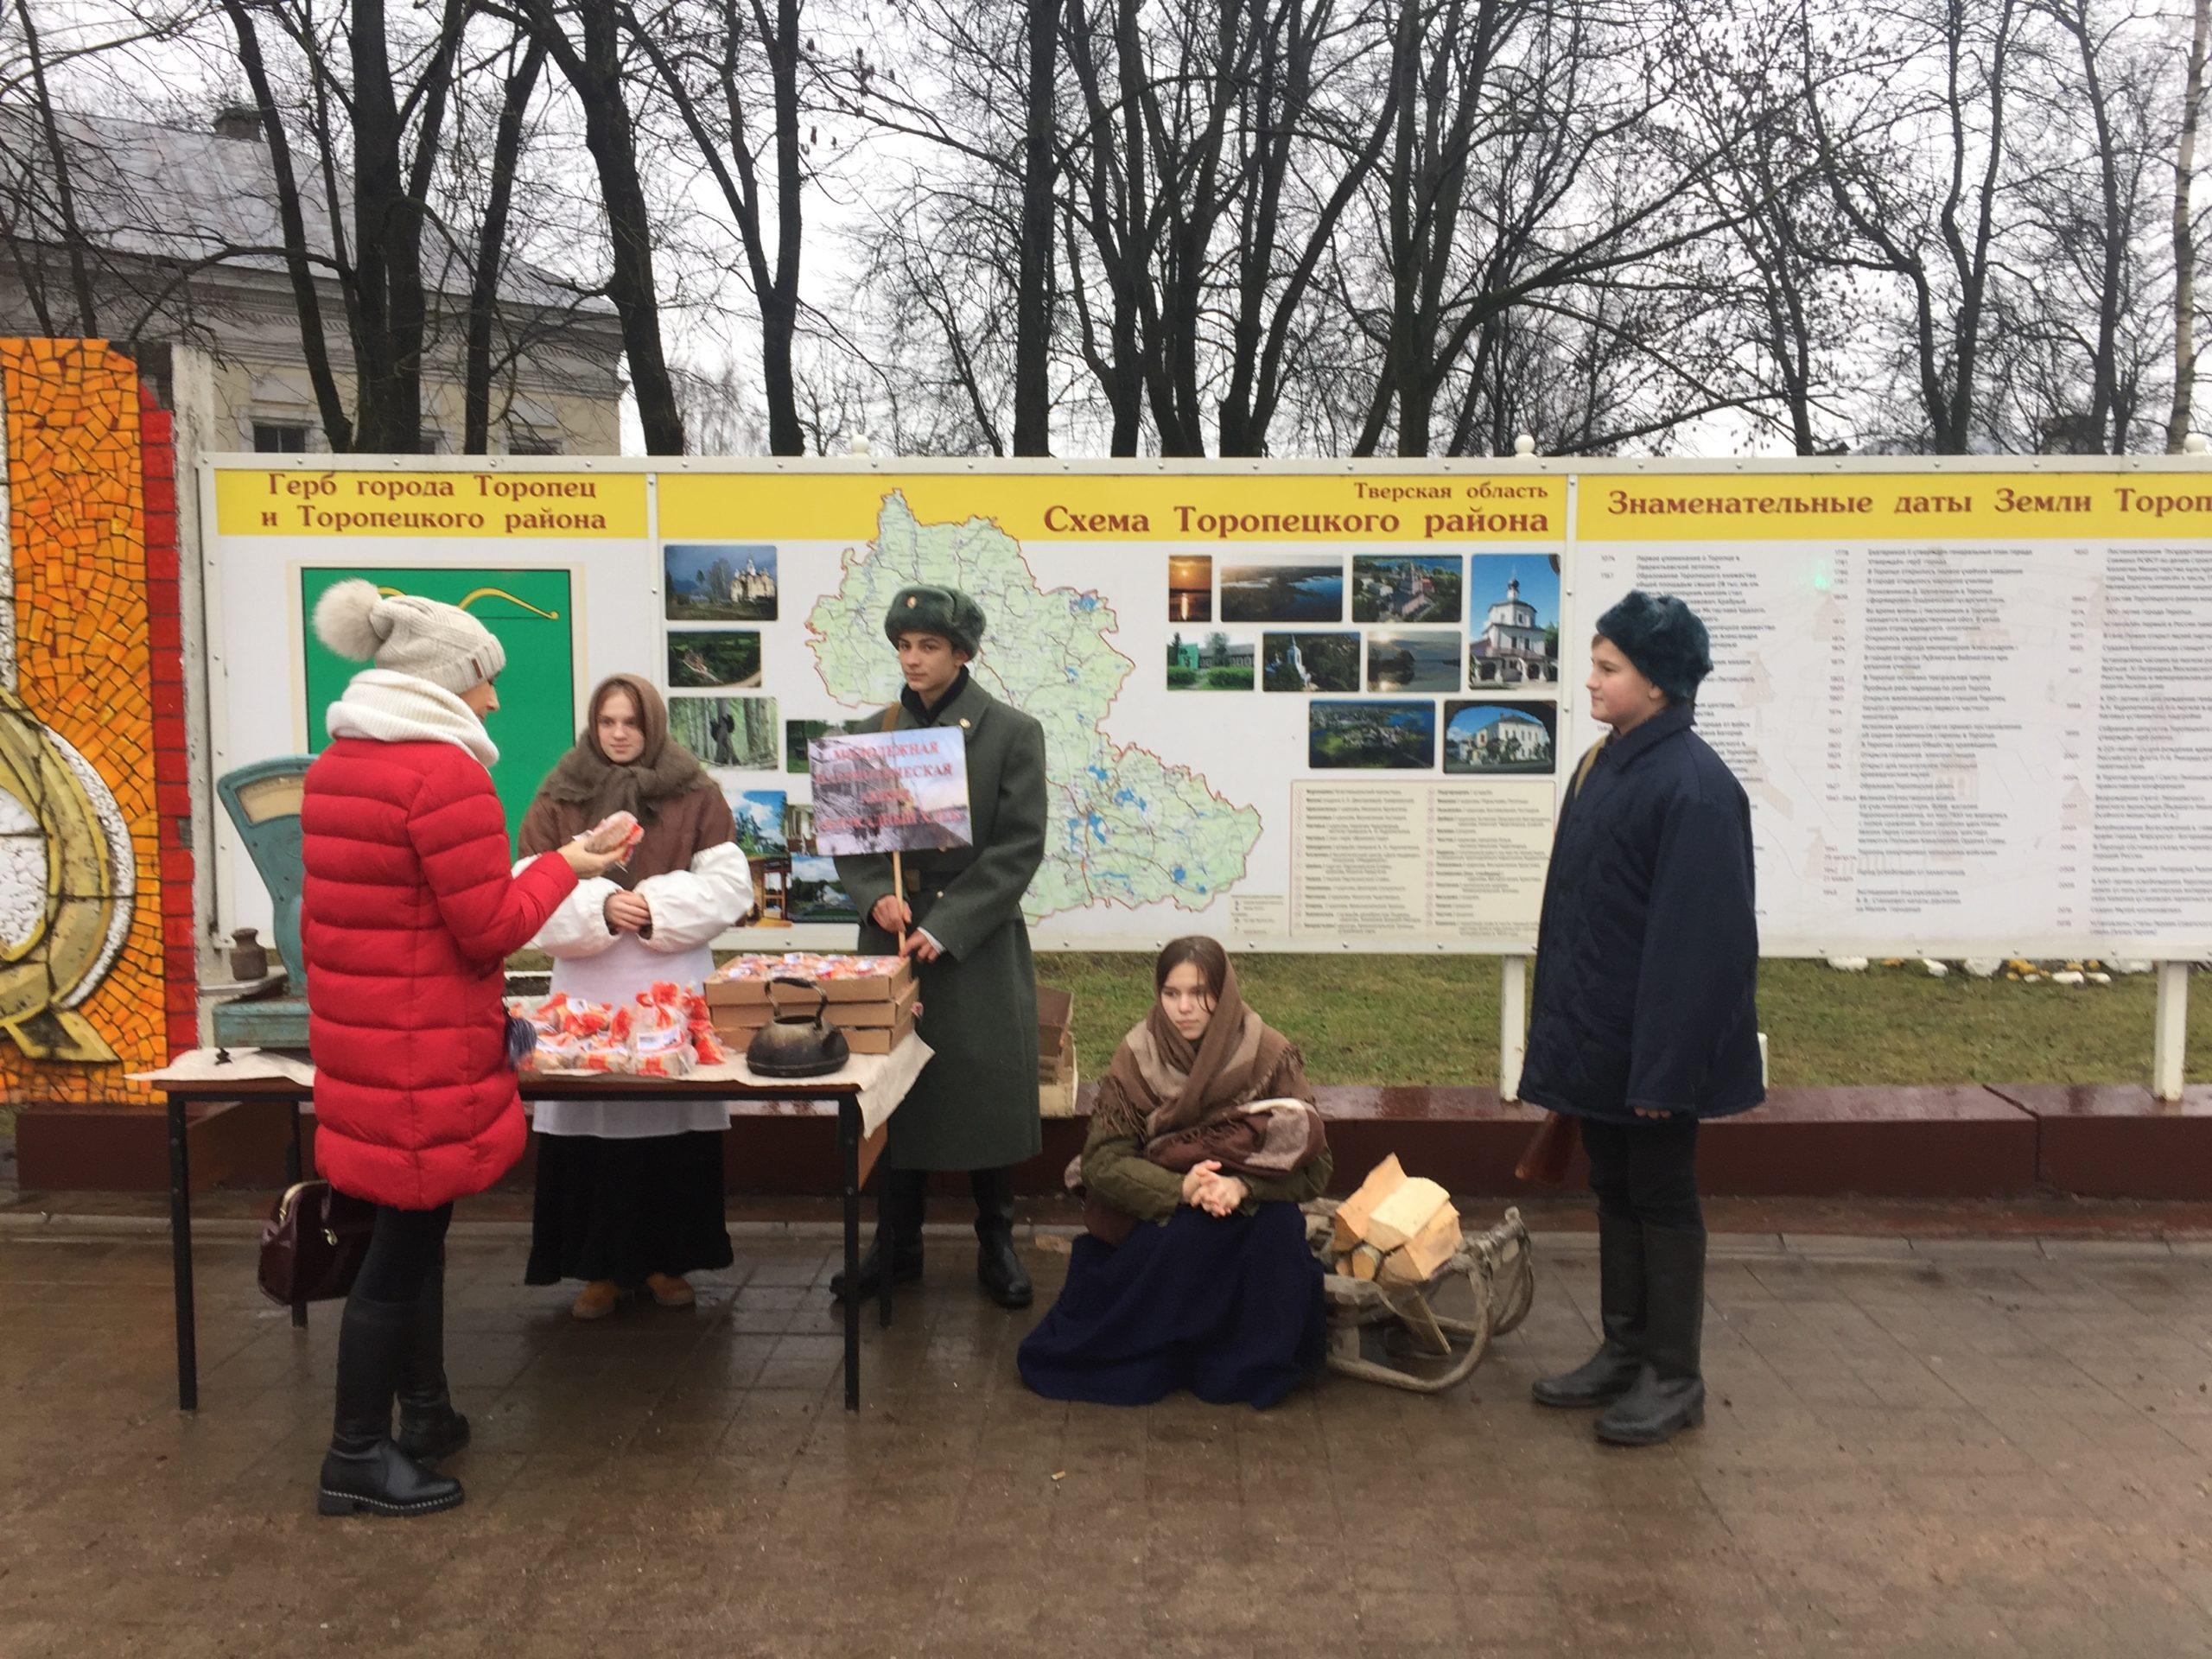 В Торопецком районе волонтеры раздавали пайки блокадного хлеба